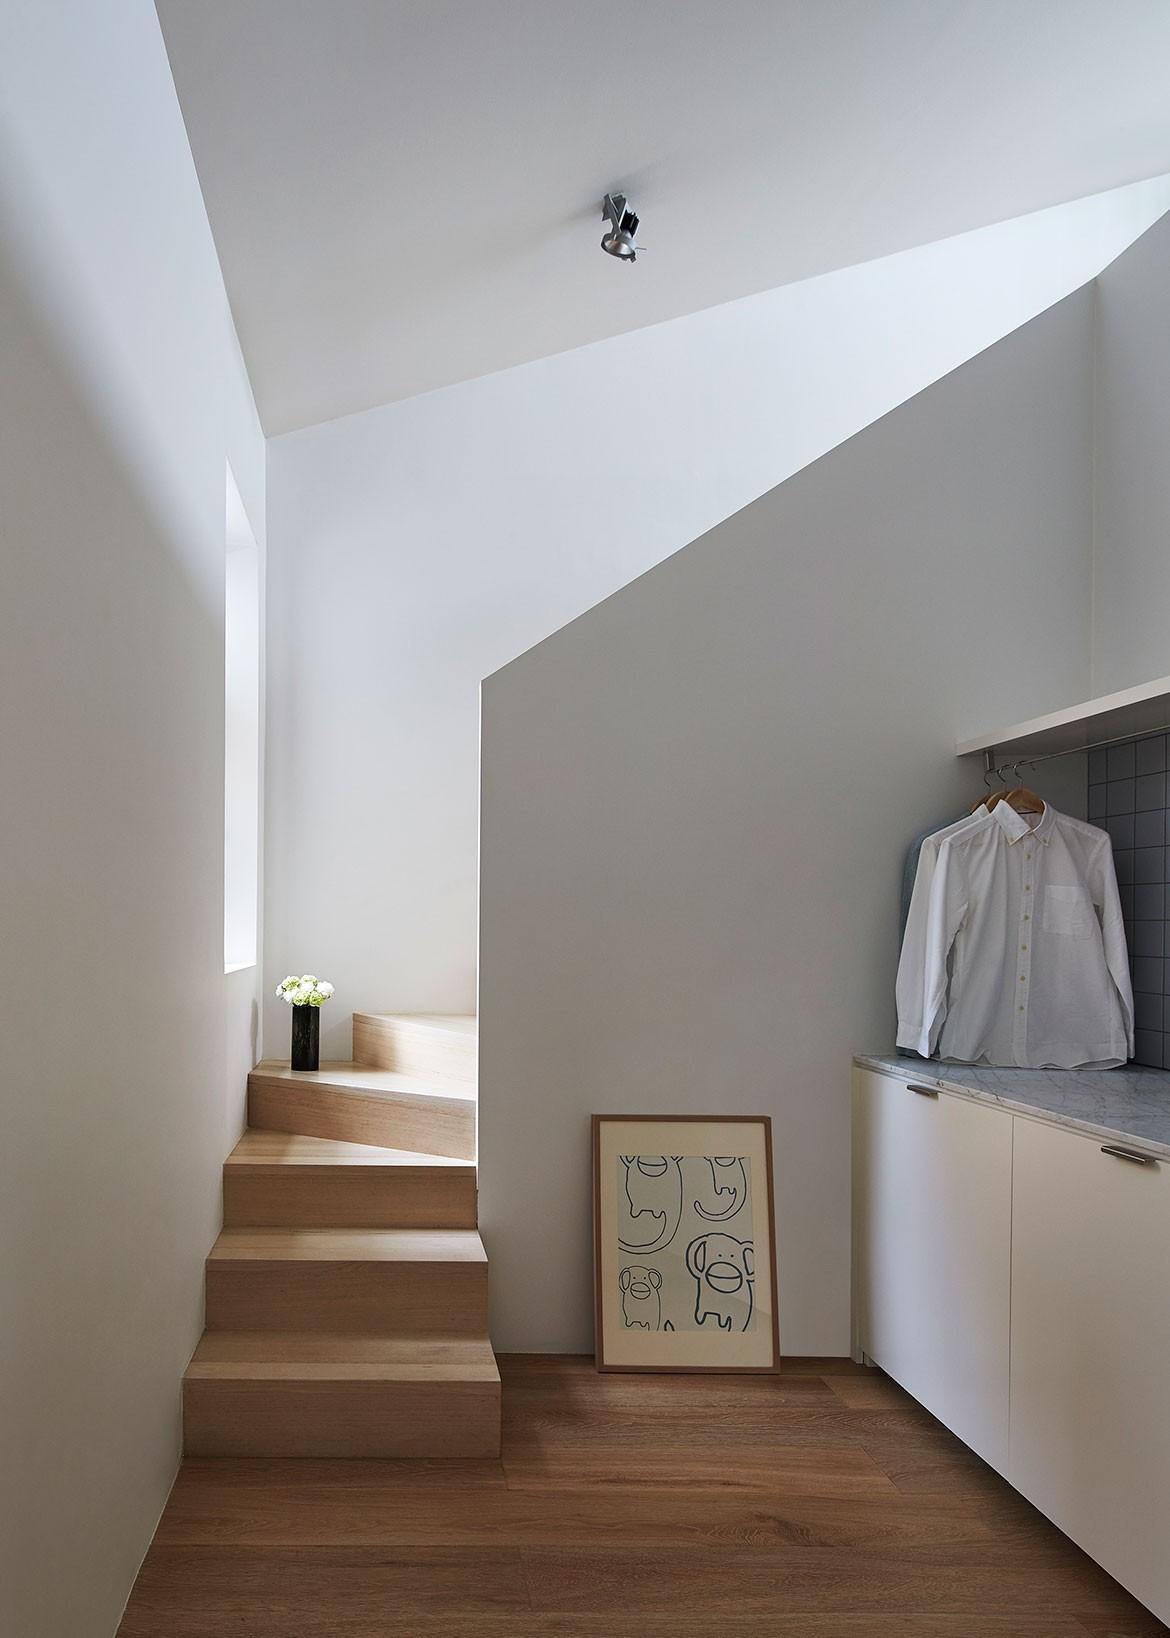 Sonelo Design Theresa St Residence staircase